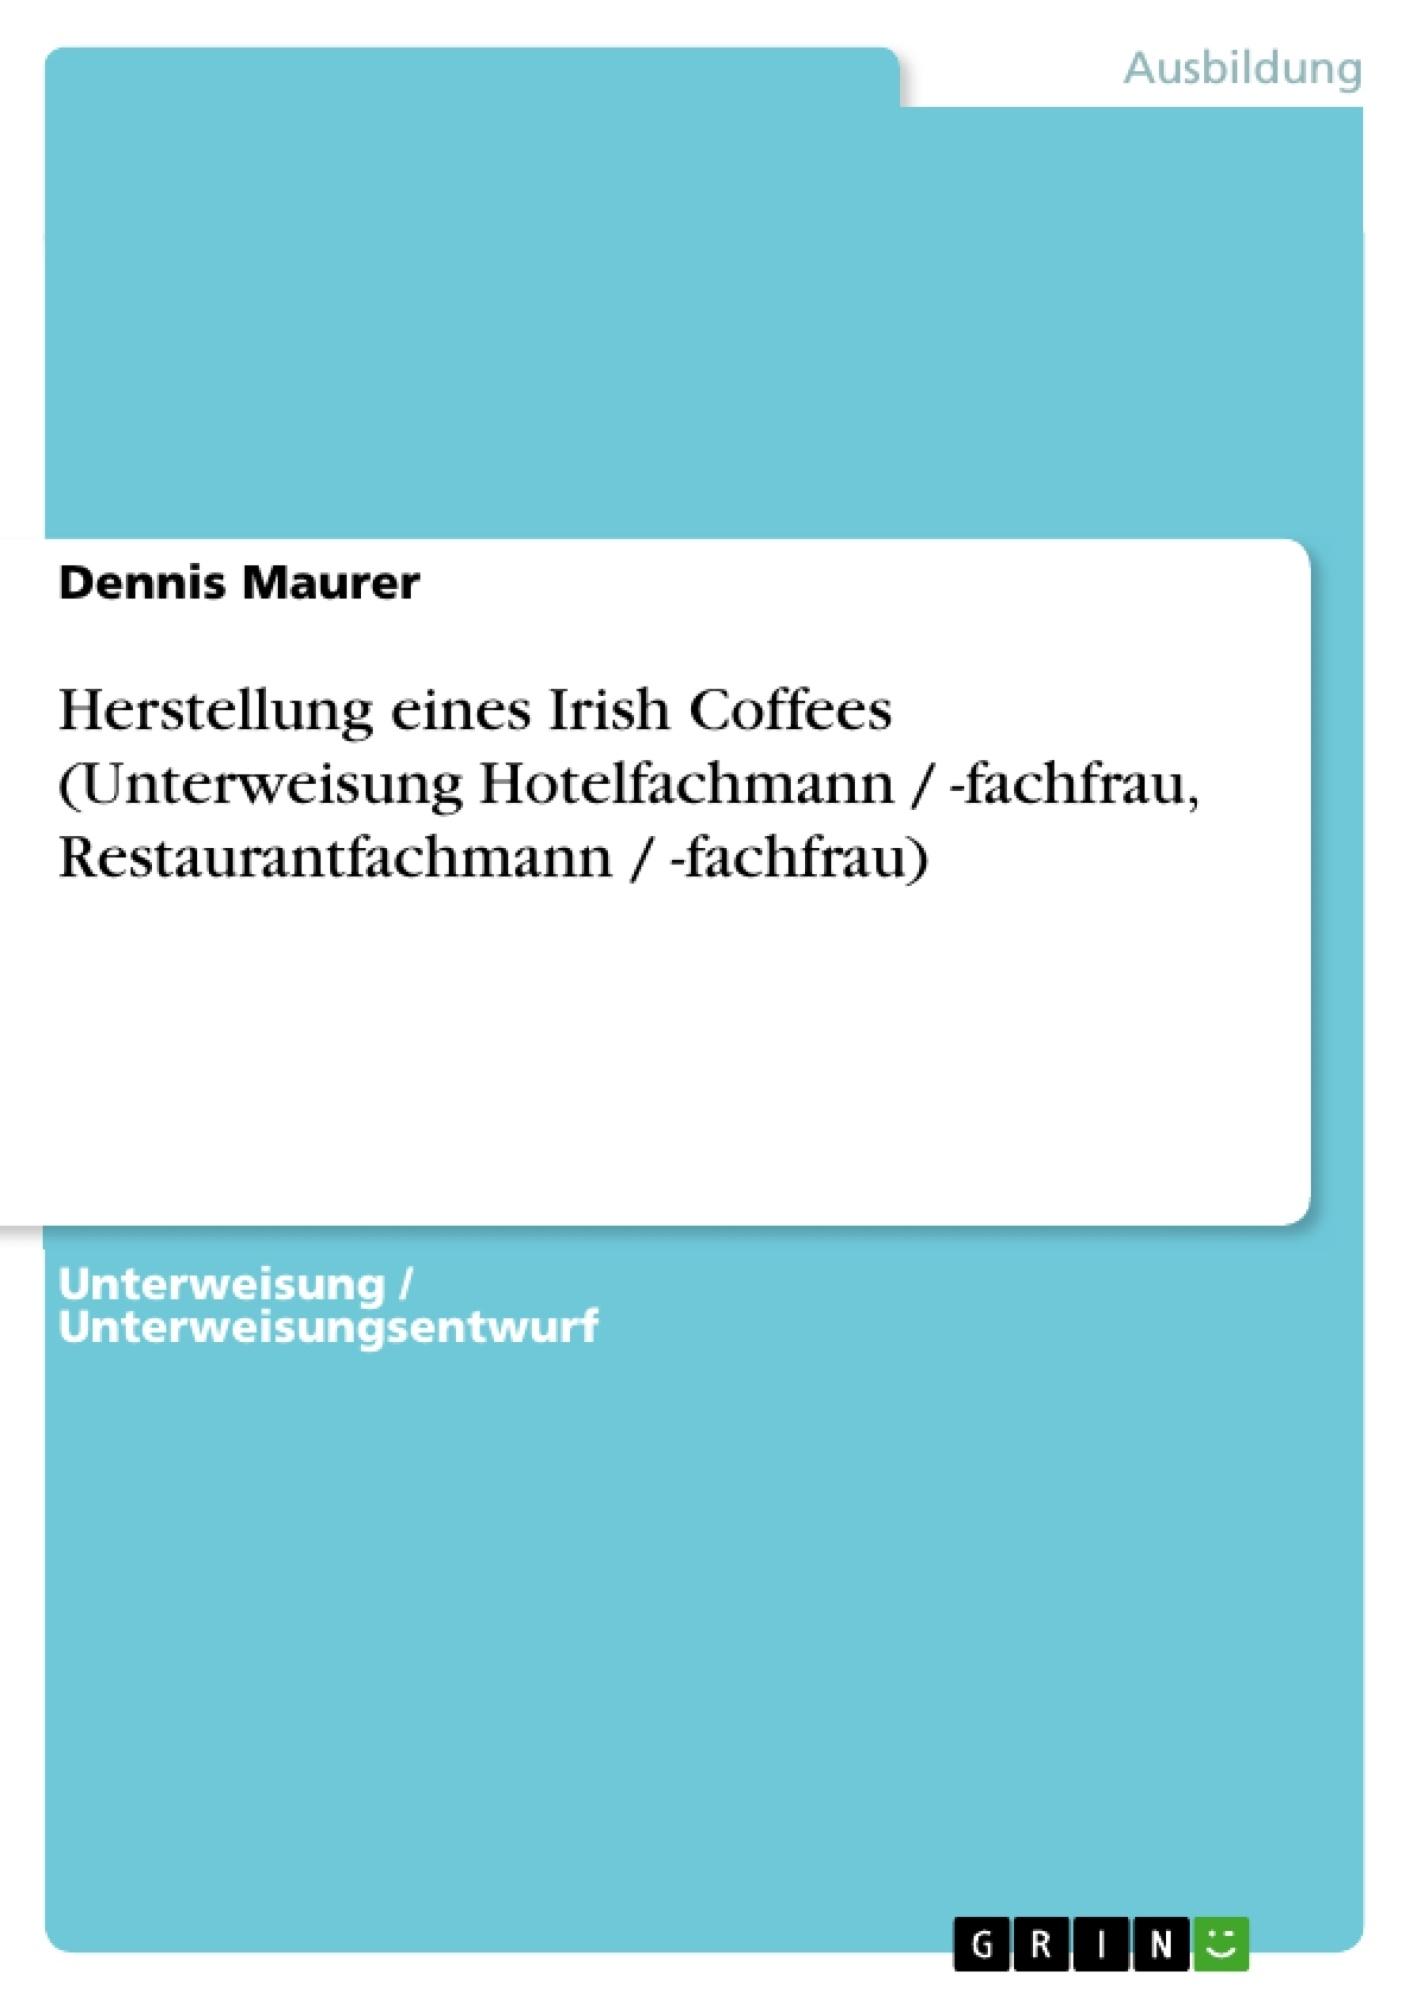 Titel: Herstellung eines Irish Coffees (Unterweisung Hotelfachmann / -fachfrau, Restaurantfachmann / -fachfrau)